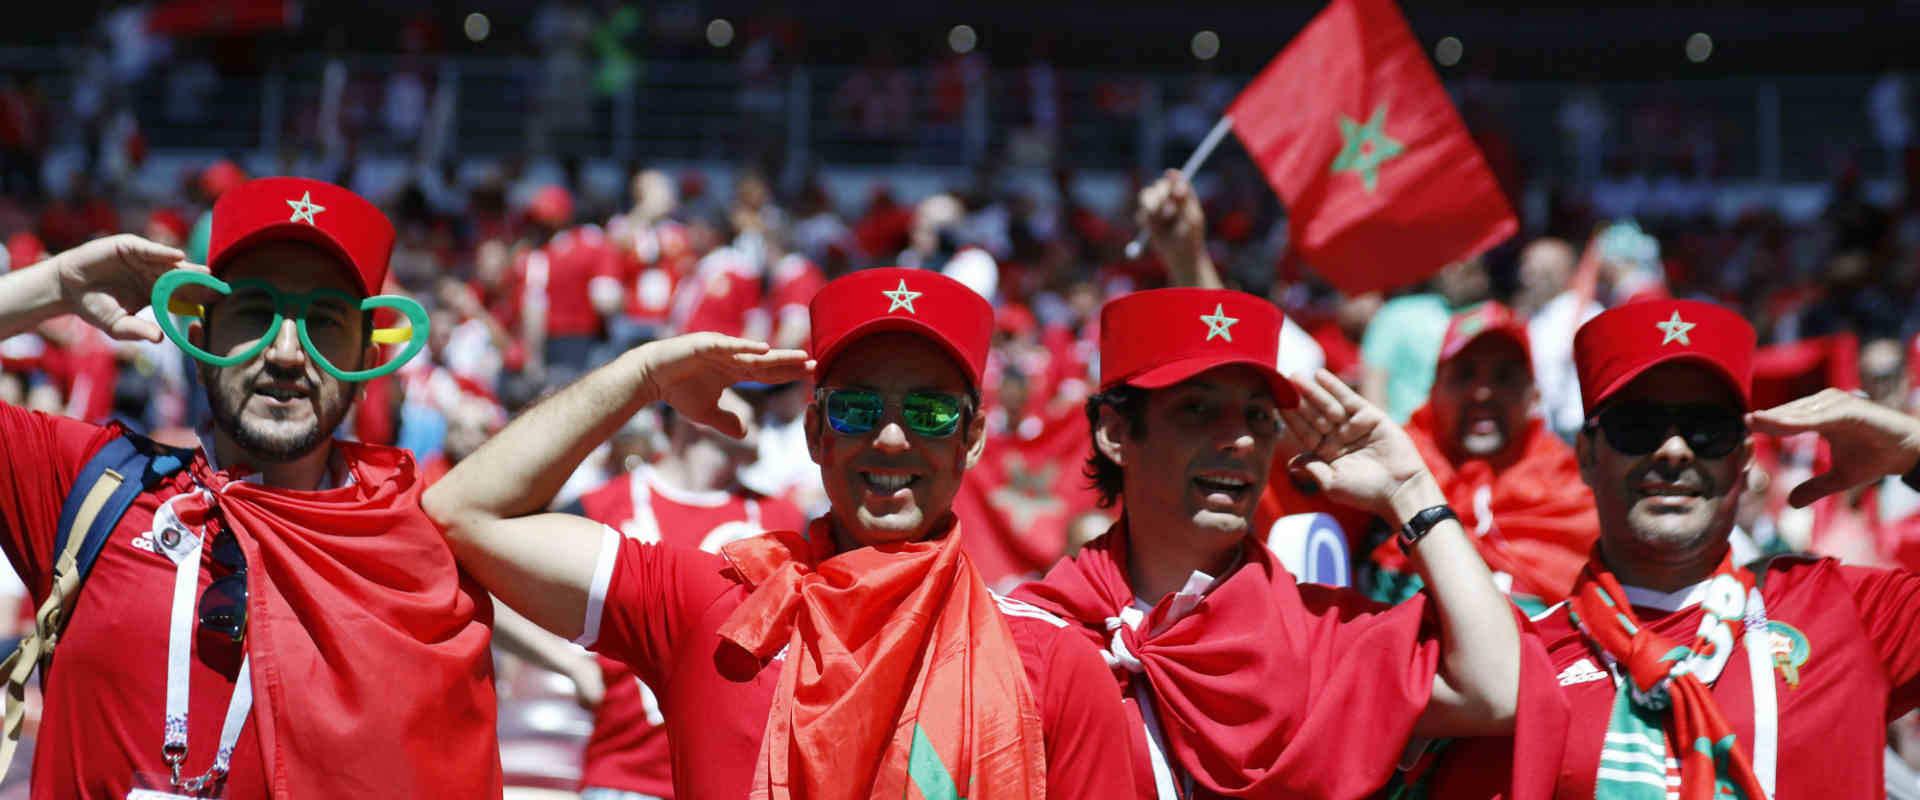 אוהדי מרוקו